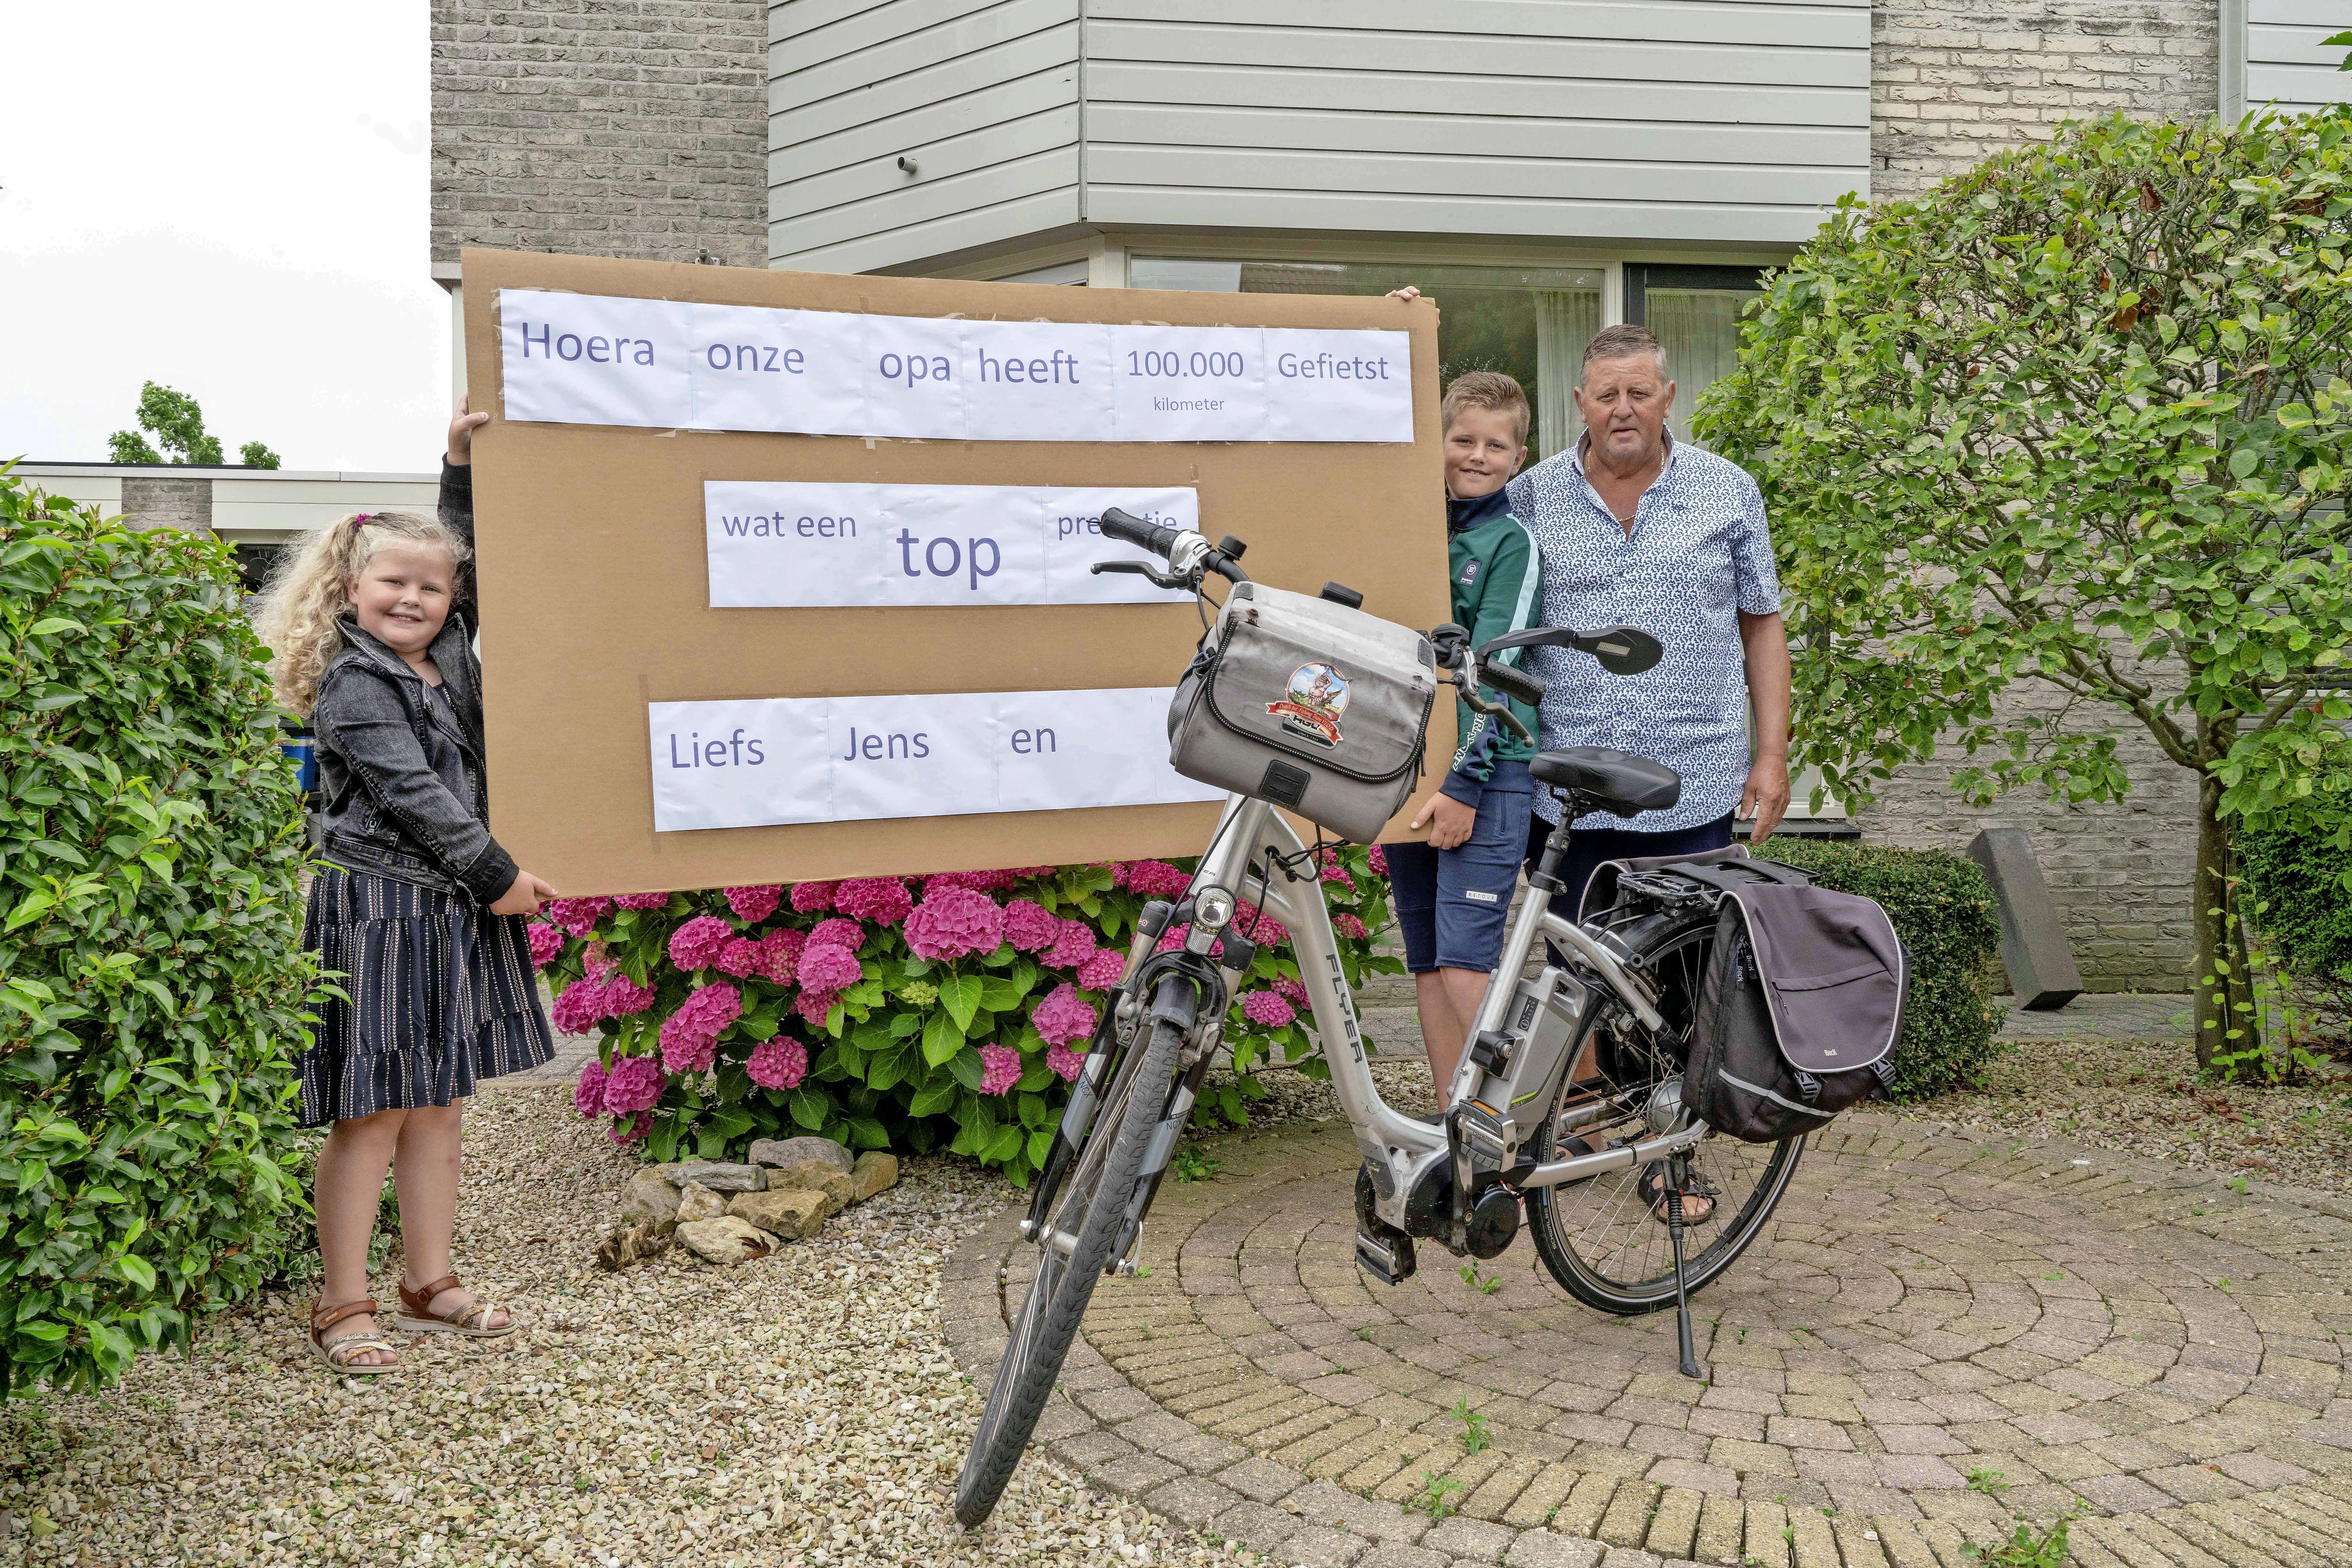 Knie- , rugklachten én suikerziekte, maar Leo de Pee (70) tikt 100.000 kilometer aan. 'Ik wil eigenlijk nog een keer naar Polen fietsen'